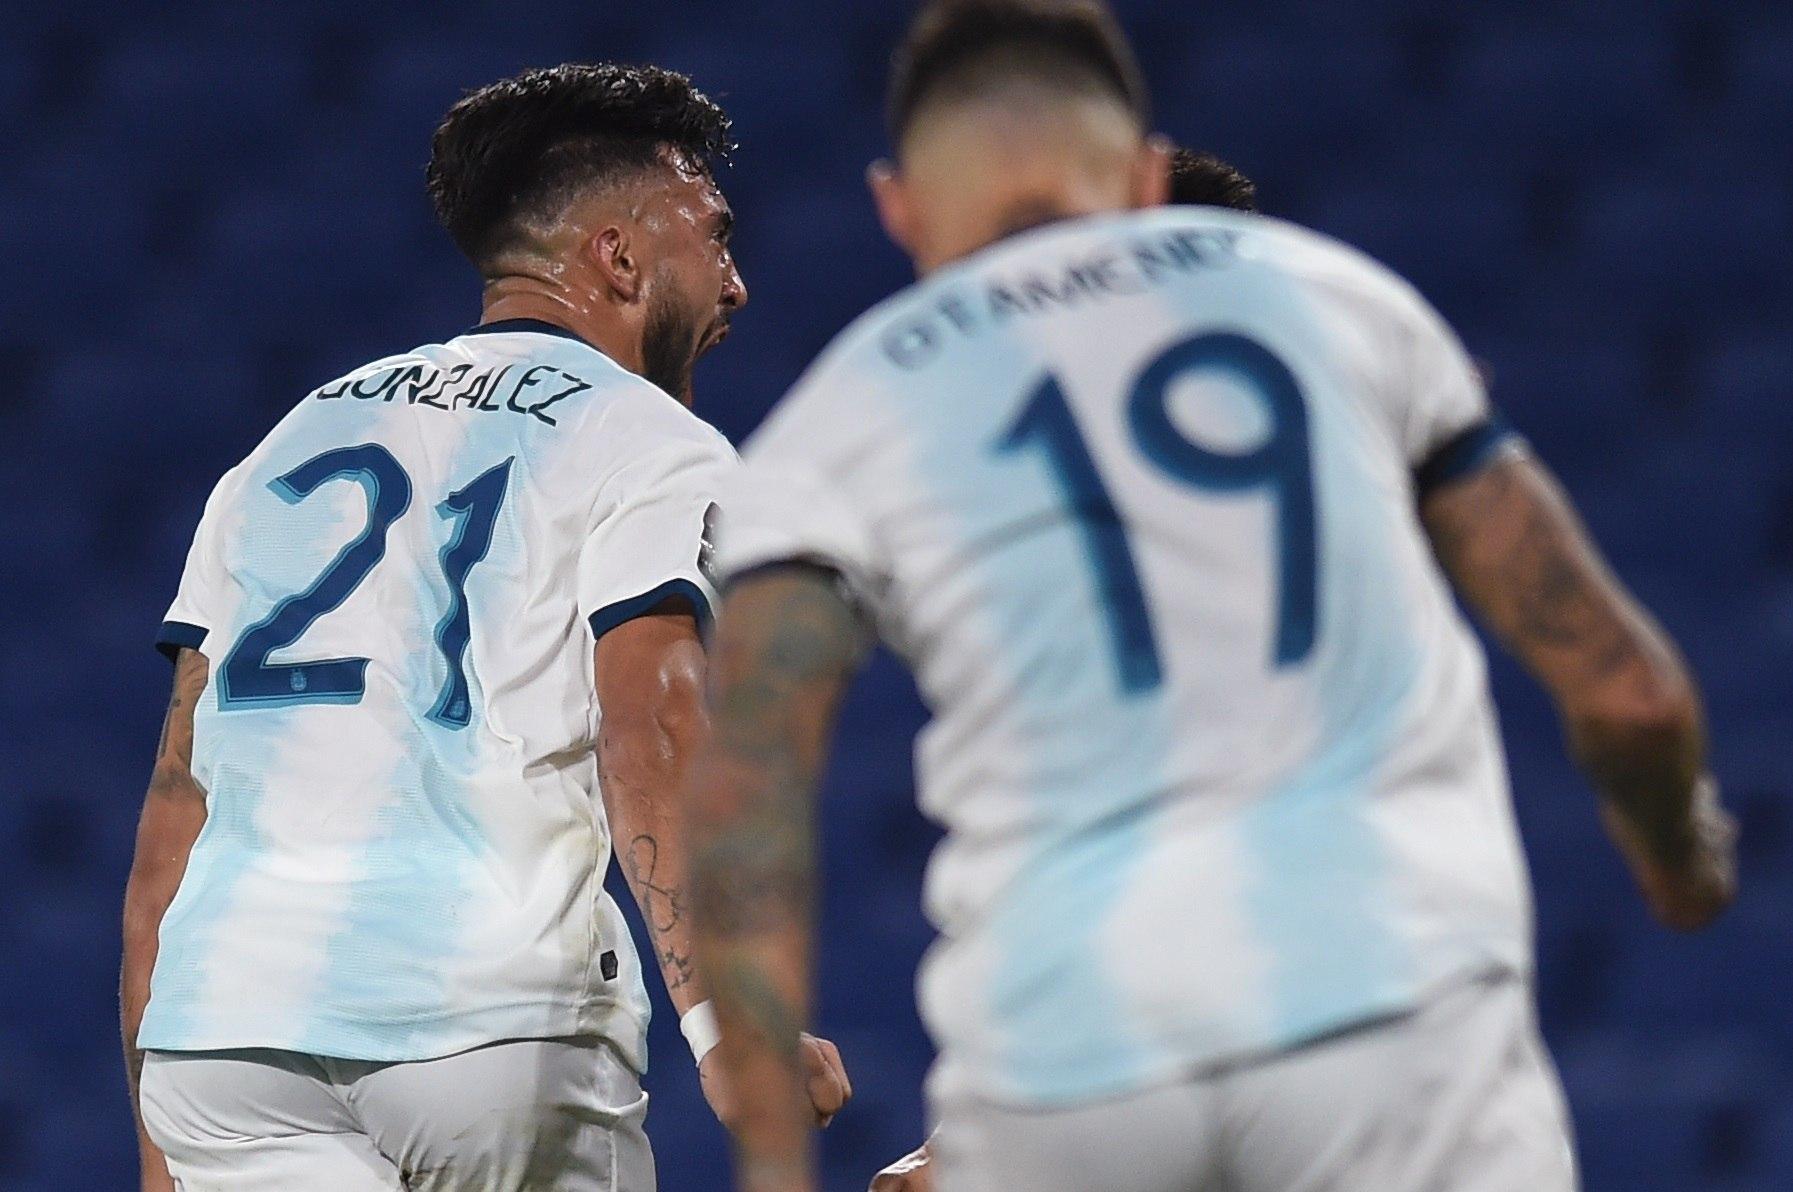 JJPANA6970. BUENOS AIRES ( lt;HIT gt;ARGENTINA lt;/HIT gt;), 12/11/2020.- Nicolás González (i) de lt;HIT gt;Argentina lt;/HIT gt; celebra un gol hoy, en un partido de las Eliminatorias Sudamericanas para el Mundial de Catar 2022 entre las selecciones de lt;HIT gt;Argentina lt;/HIT gt; y Paraguay en el estadio La Bombonera en Buenos Aires ( lt;HIT gt;Argentina lt;/HIT gt;). EFE/Marcelo Endelli POOL